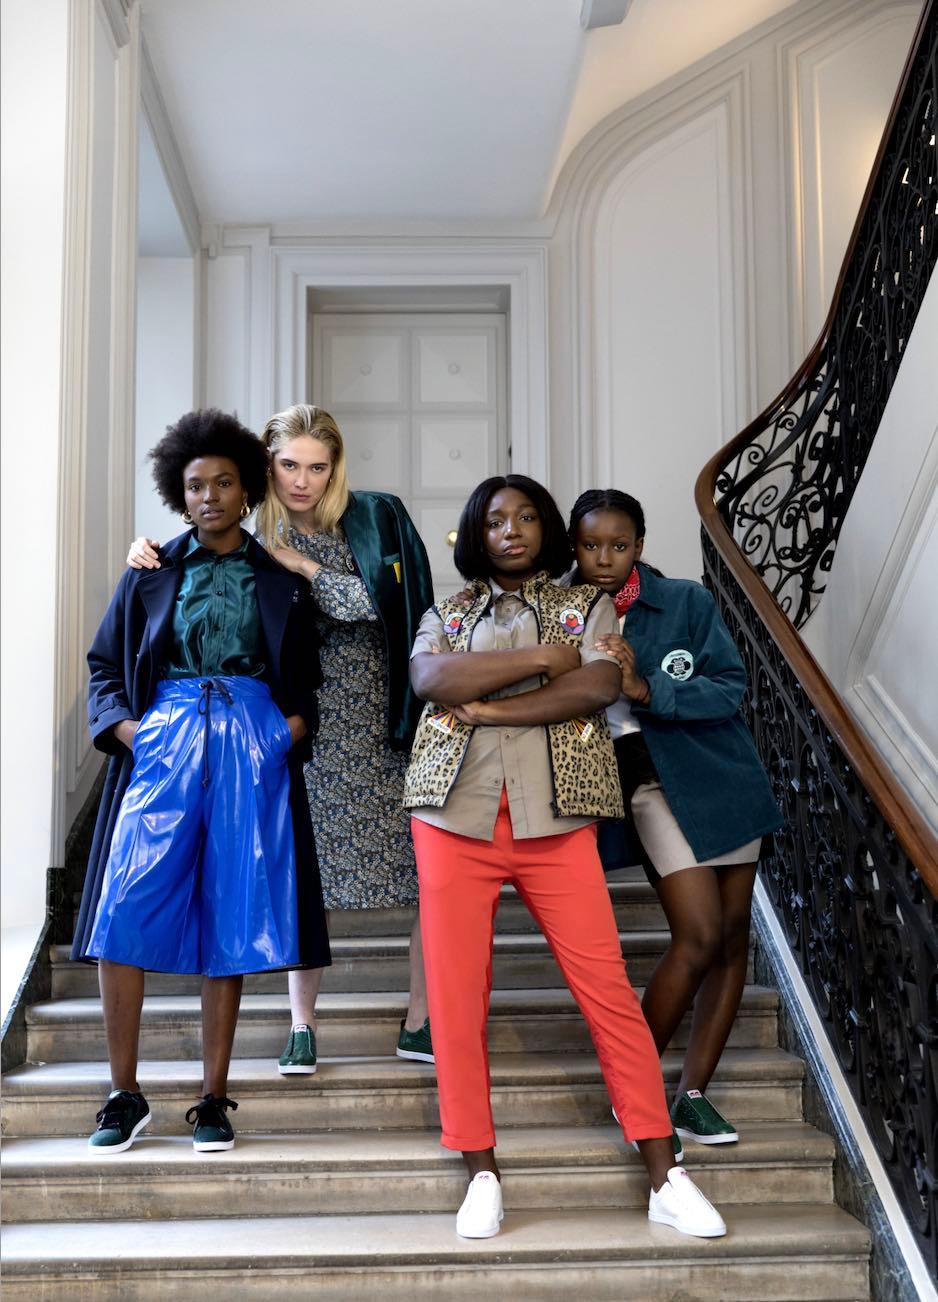 gingeralouest - blog - mode - éco- responsable - marque - collaboration - Sakina M'Sa - APC - image ©Marc Mc court - stylisme - Agnès Boy